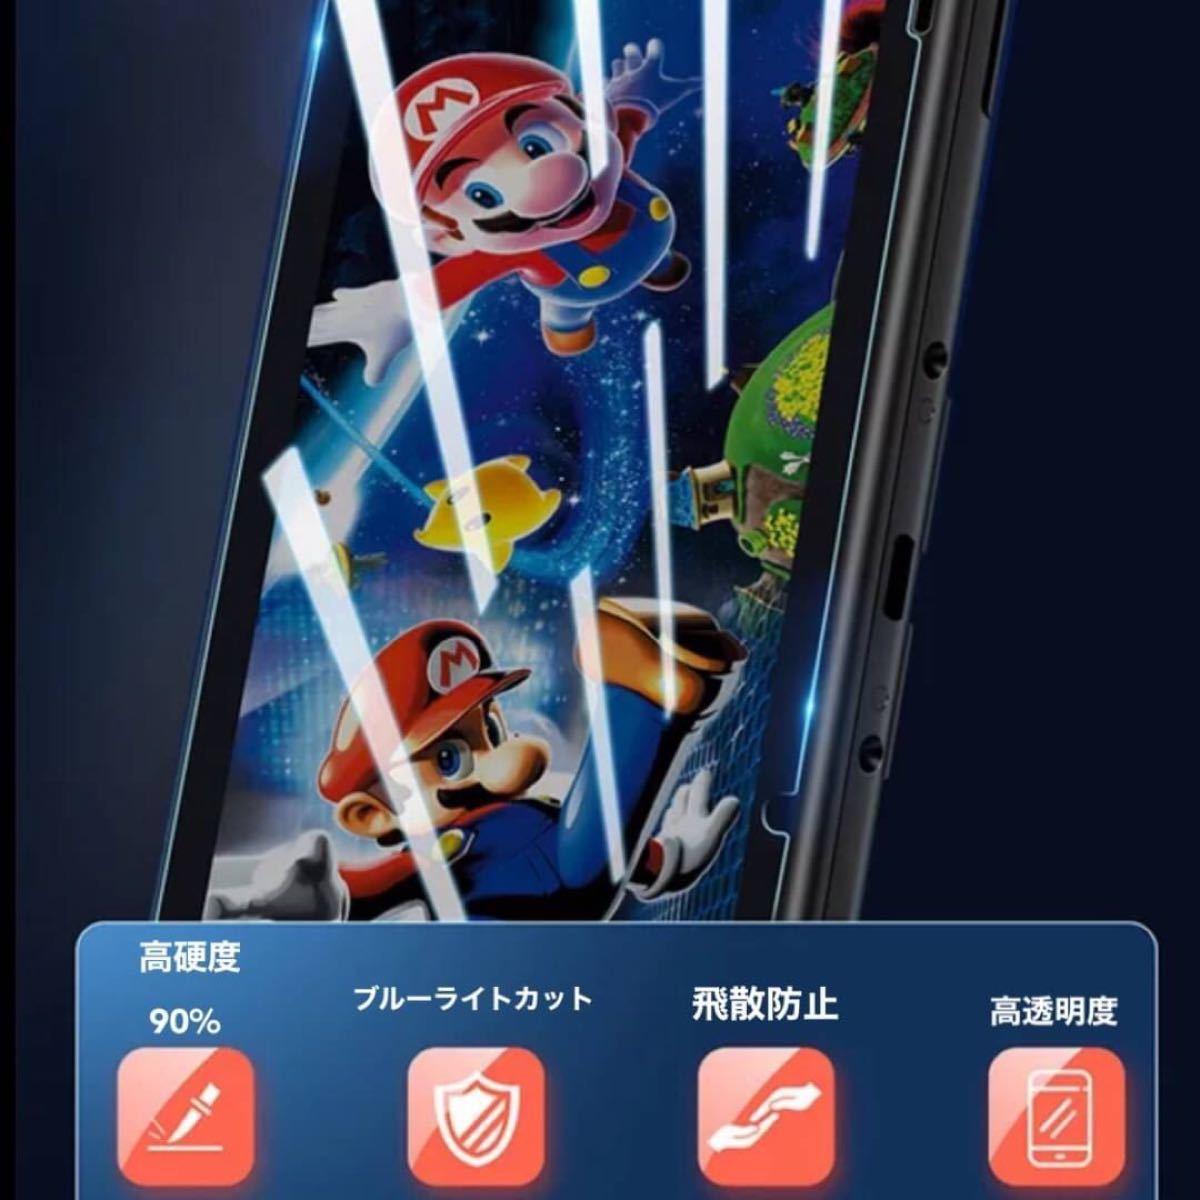 任天堂スイッチ Switch Nintendo Switch 保護フィルム ガラスフィルム ブルーライトカット 新品 送料無料